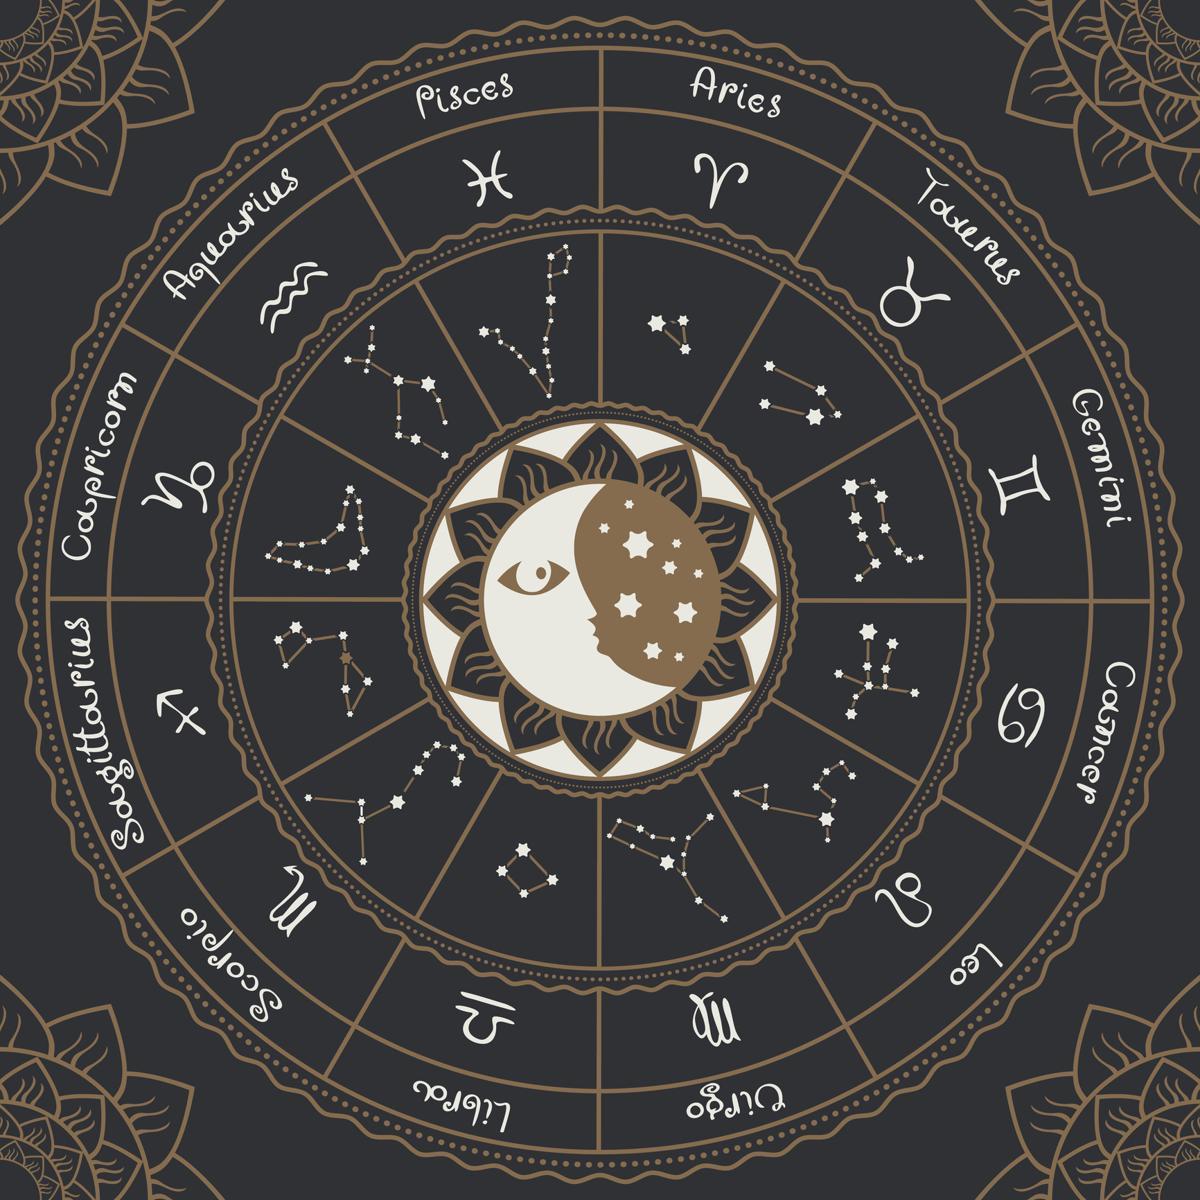 De elementen en Astrologie